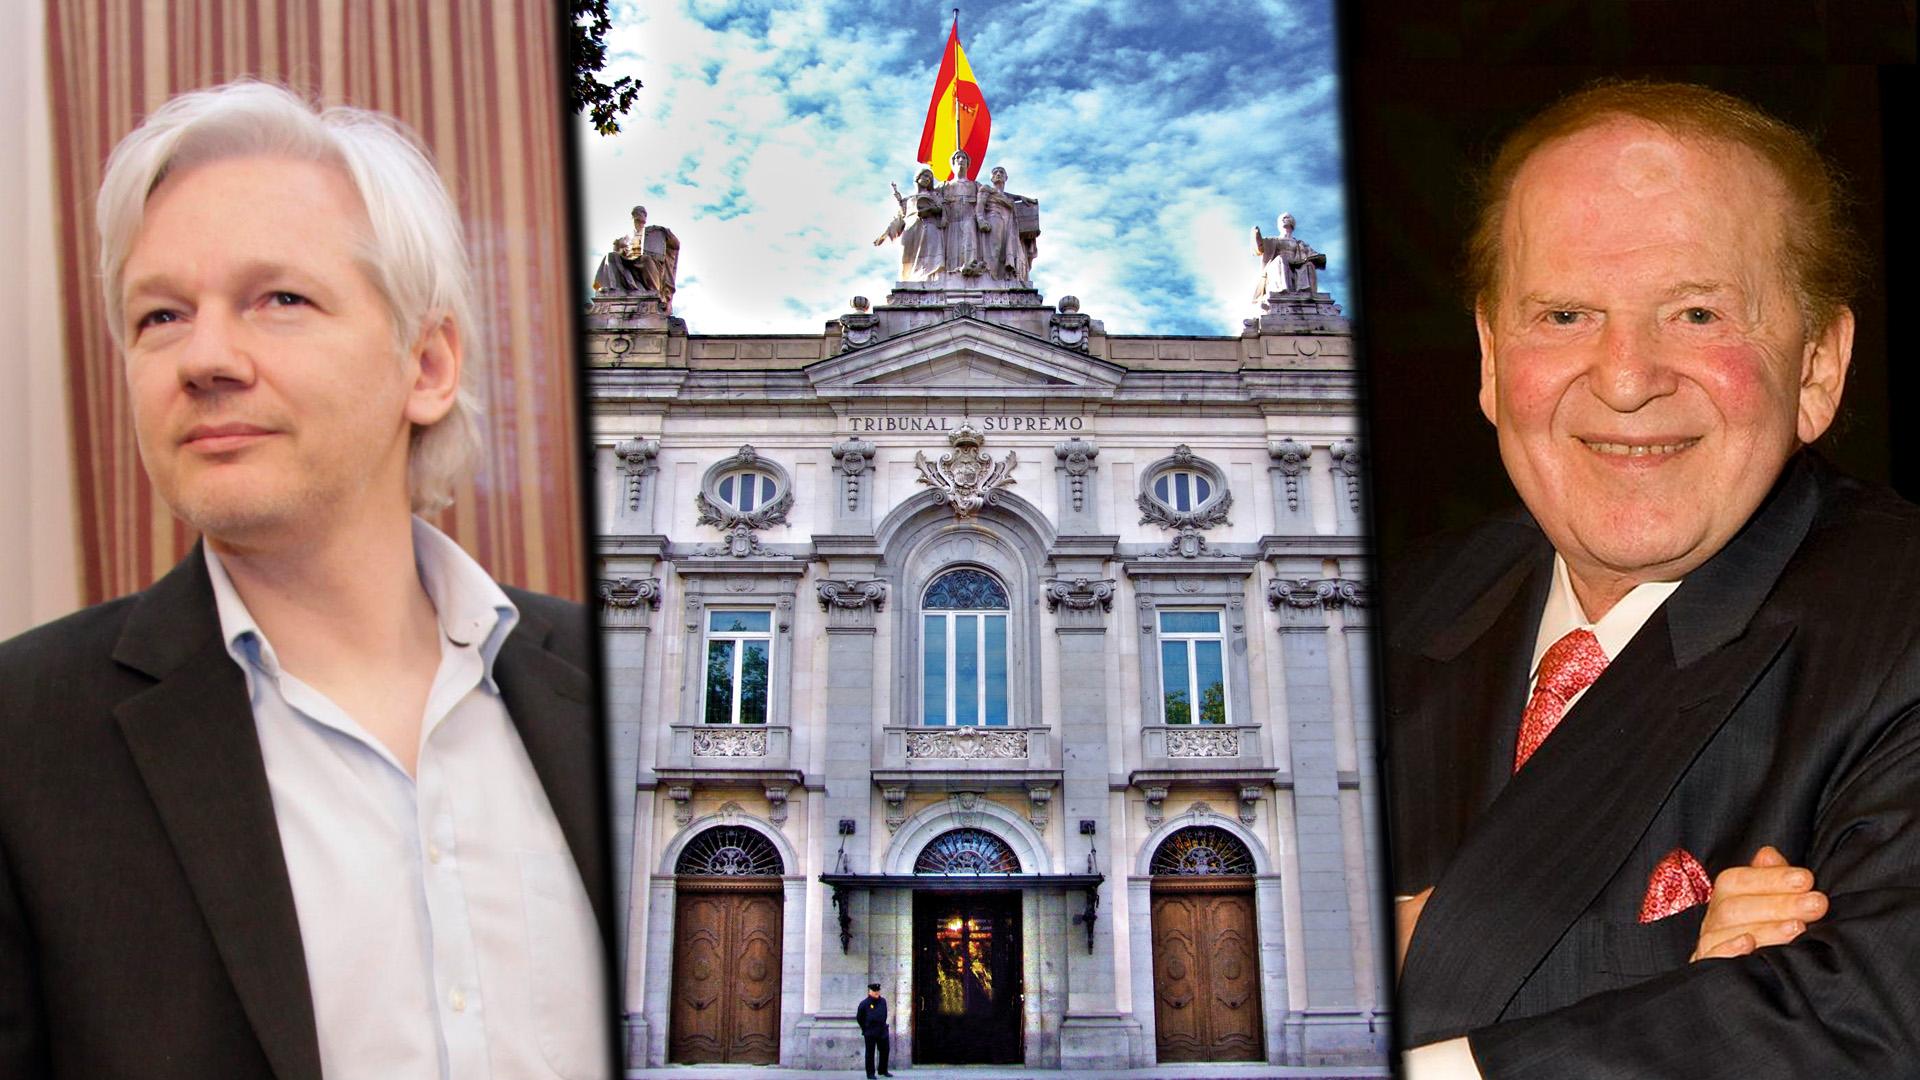 Spanish court Julian Assange Sheldon Adelson spying